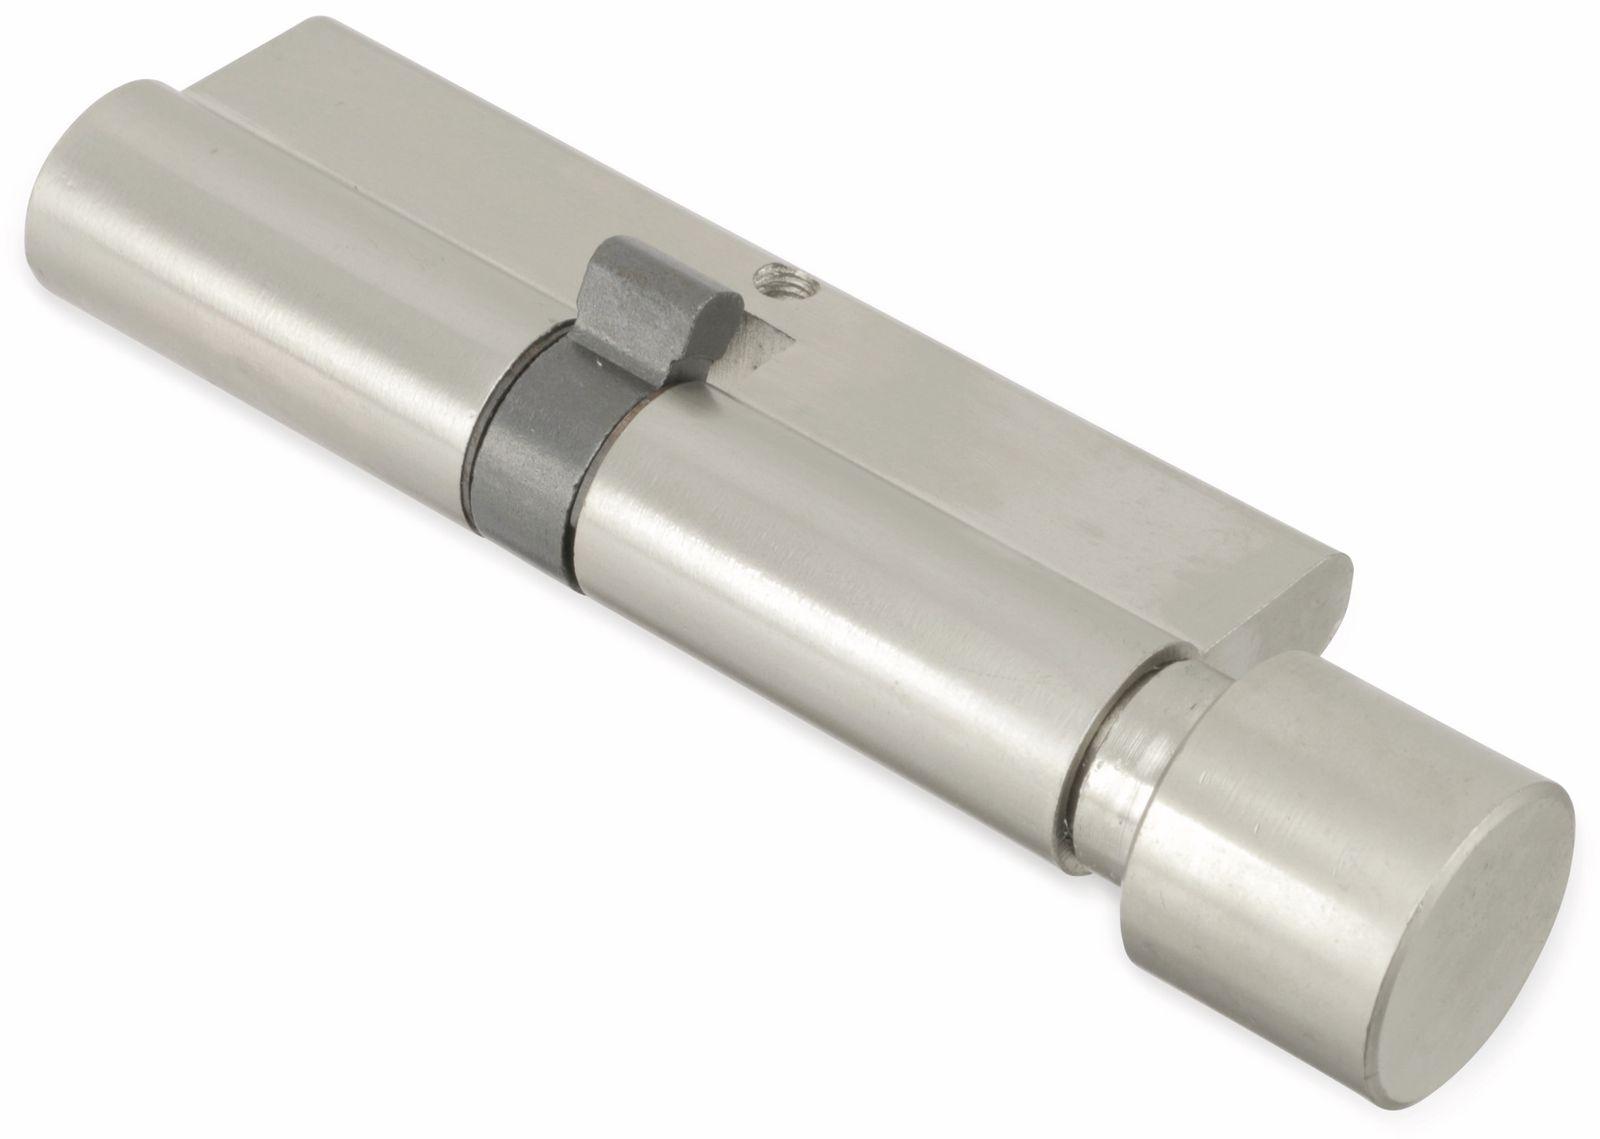 Sicherheits Schliesszylinder Mit Knauf Masterproof 1019 Pjxy 90 Mm